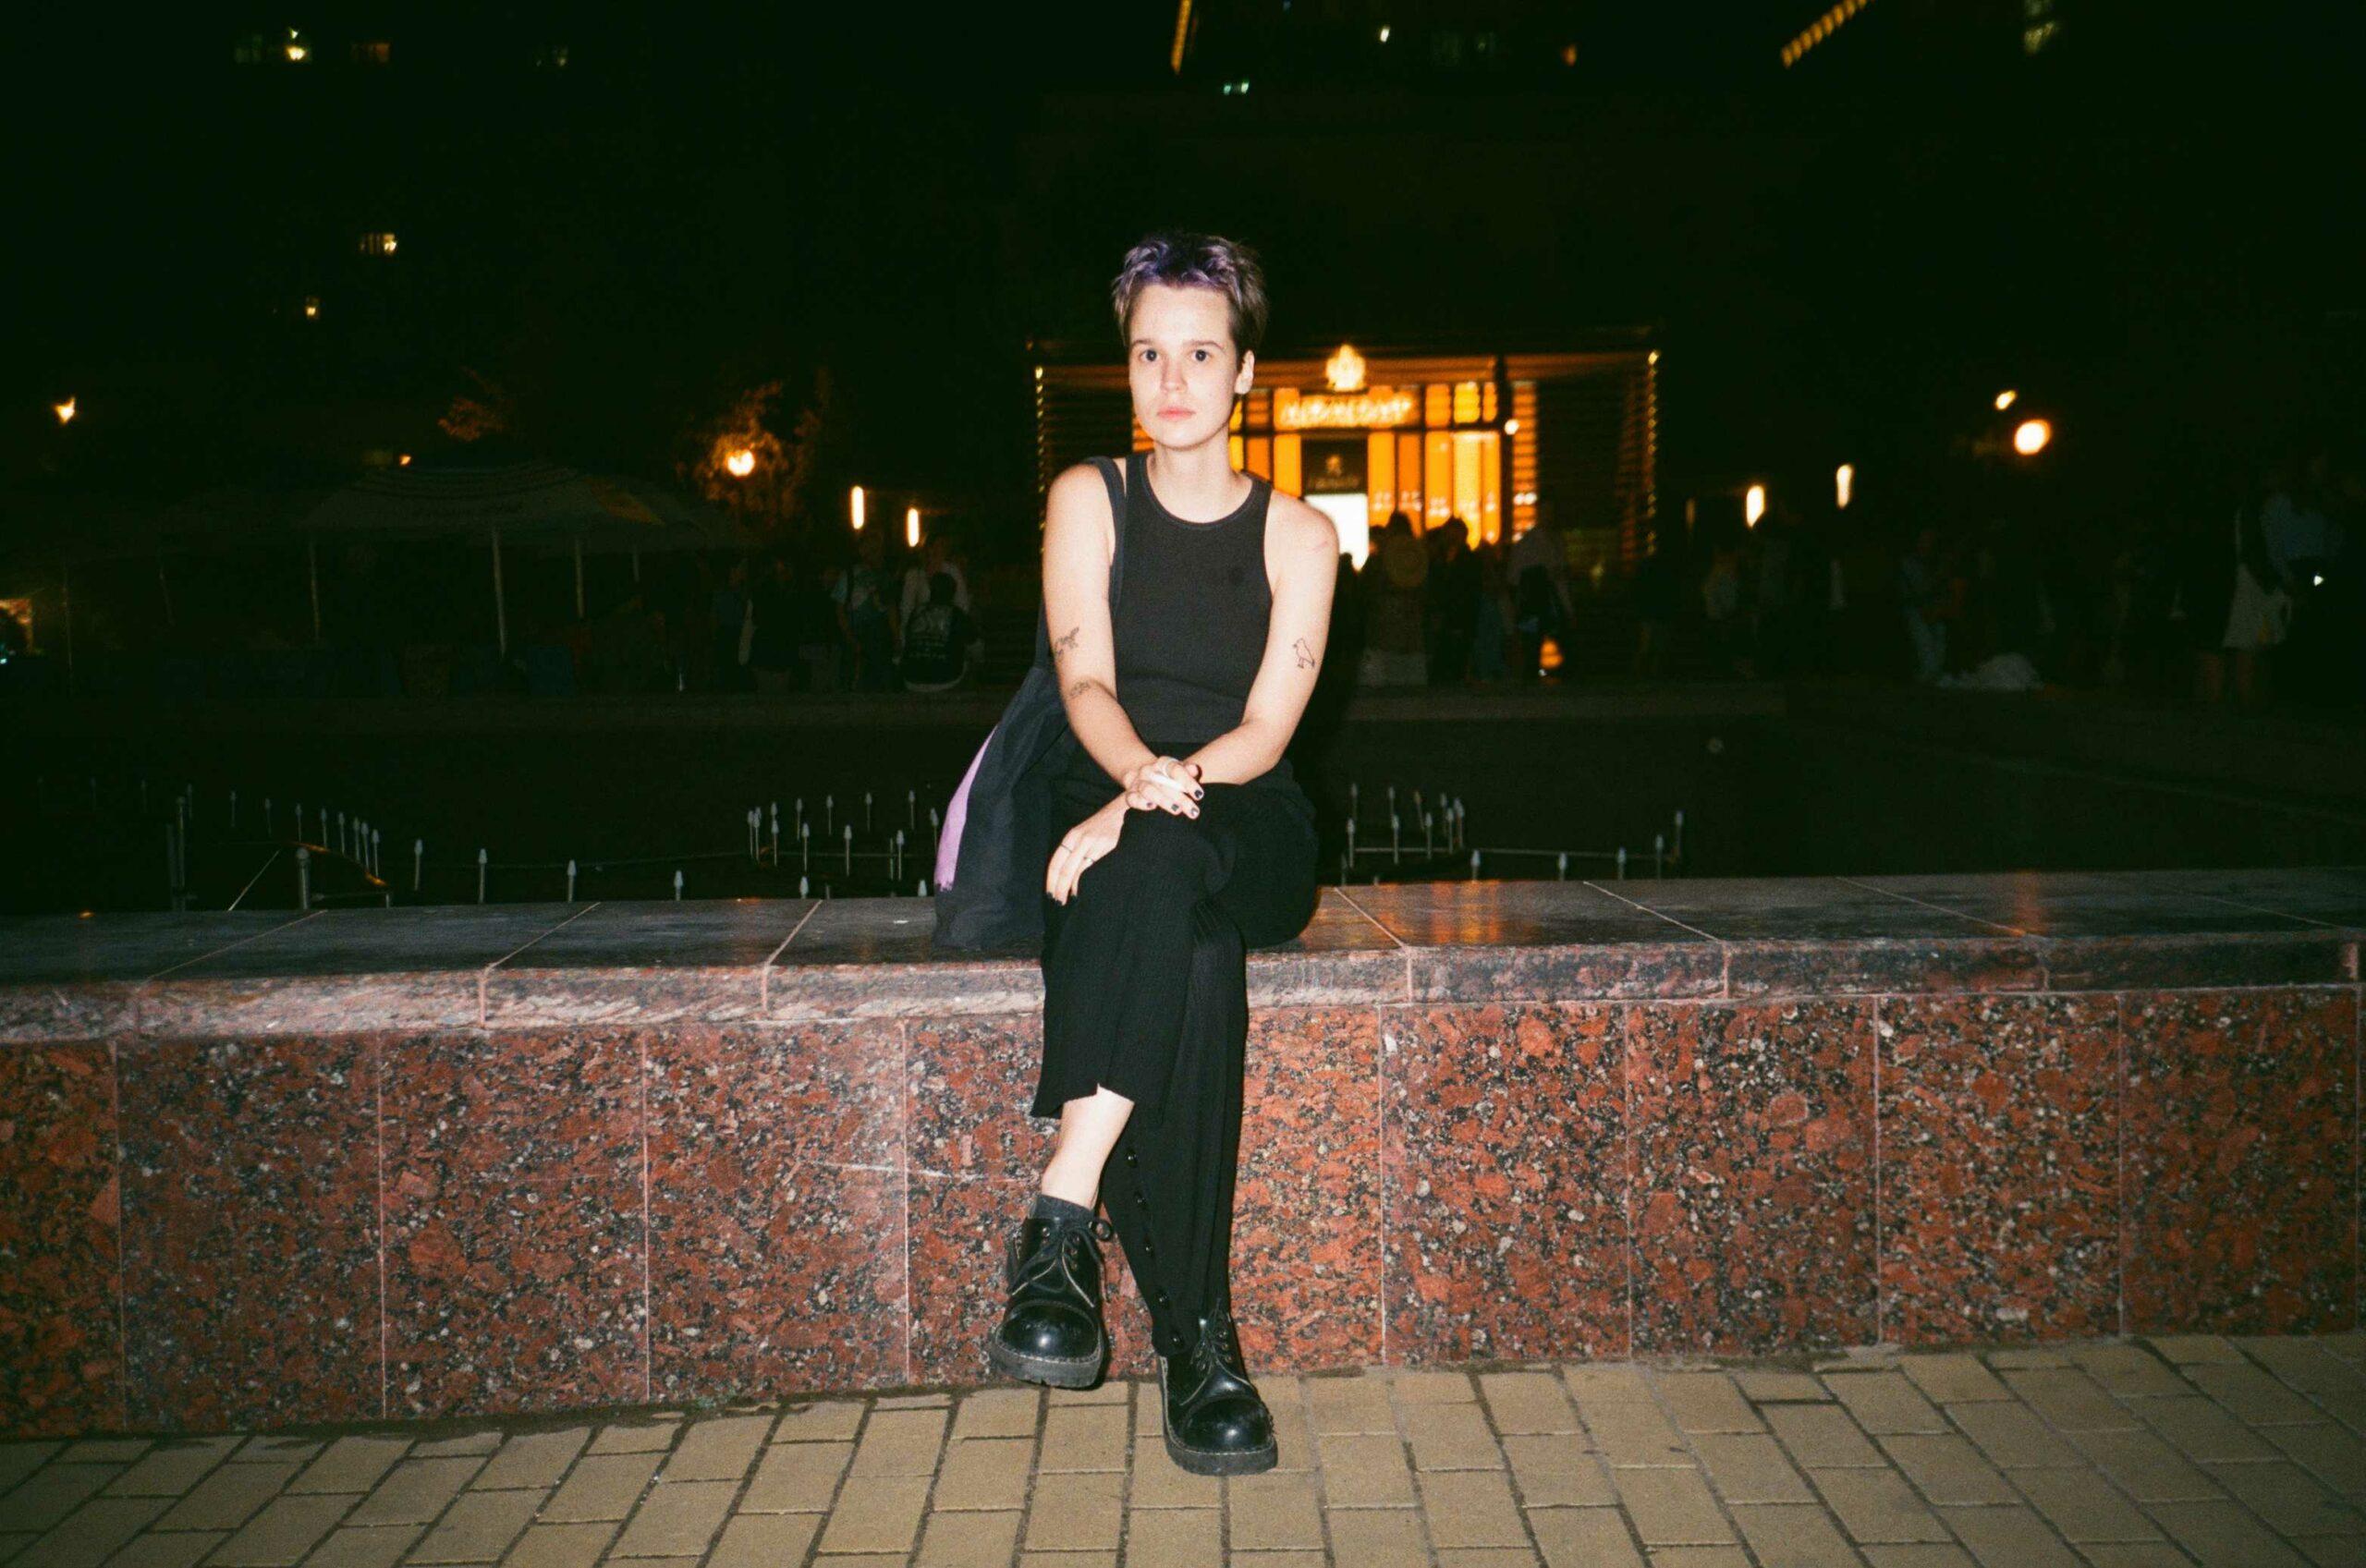 sasha naselenko 1010010 scaled - <b>Школа, у якій ви не вчилися.</b> Фільм «Стоп-Земля» Катерини Горностай - Заборона